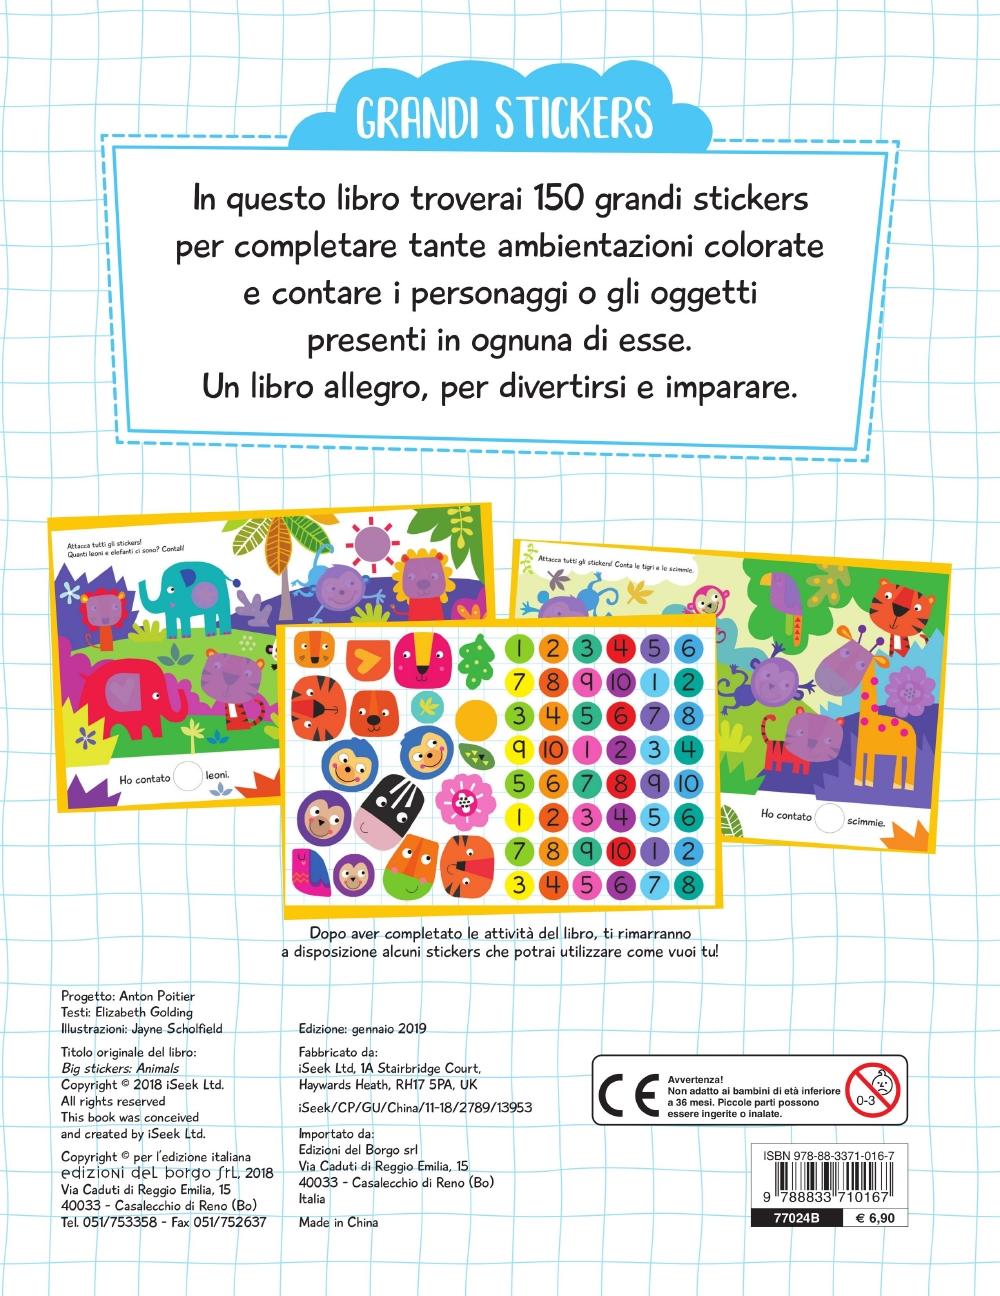 Grandi Stickers - Animali